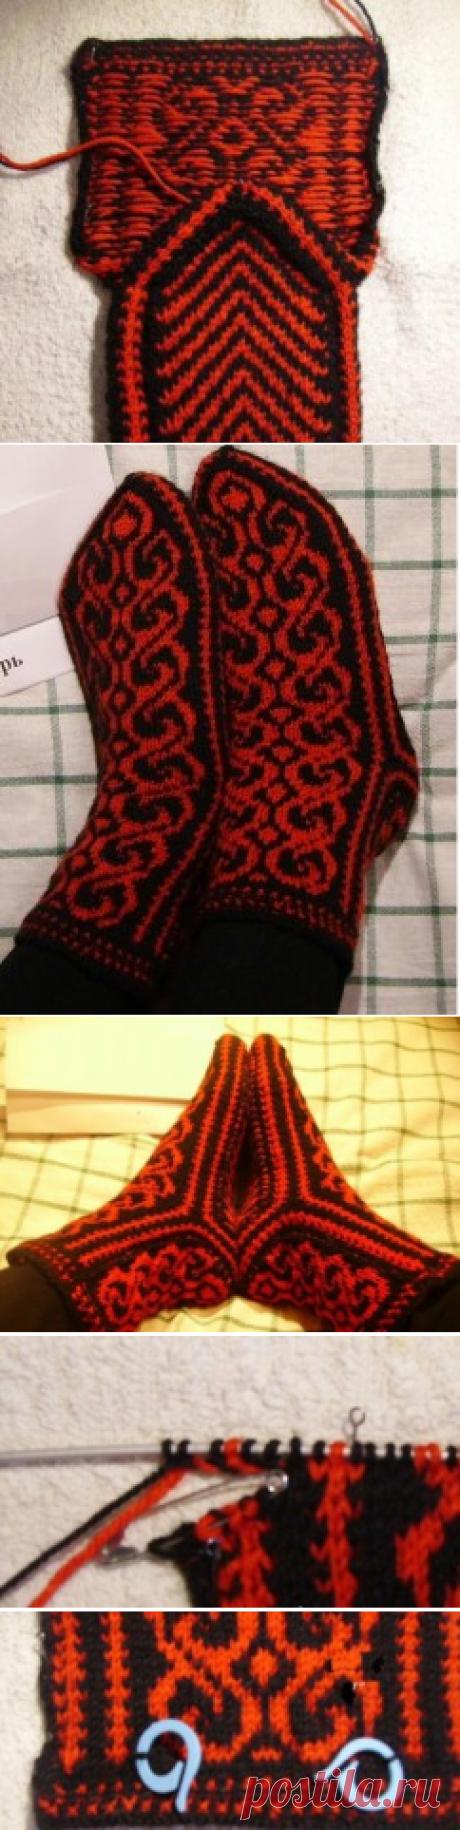 Джурабы спицами мастер класс вязания теплых носков